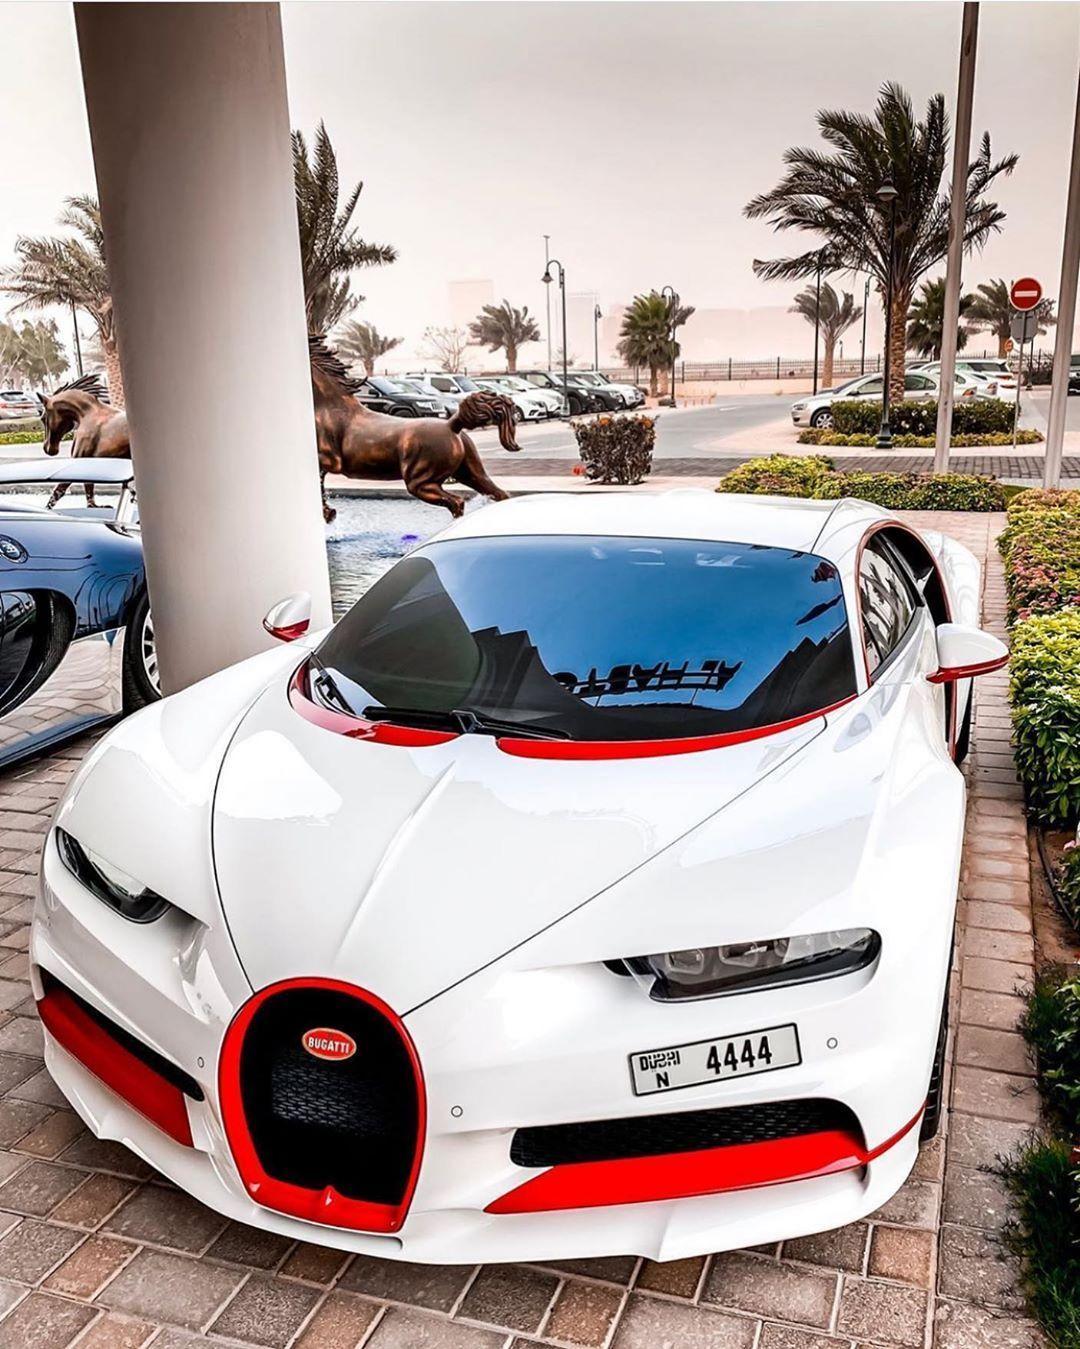 Chiron In Dubai In 2020 Best Luxury Cars Super Cars Bugatti Cars